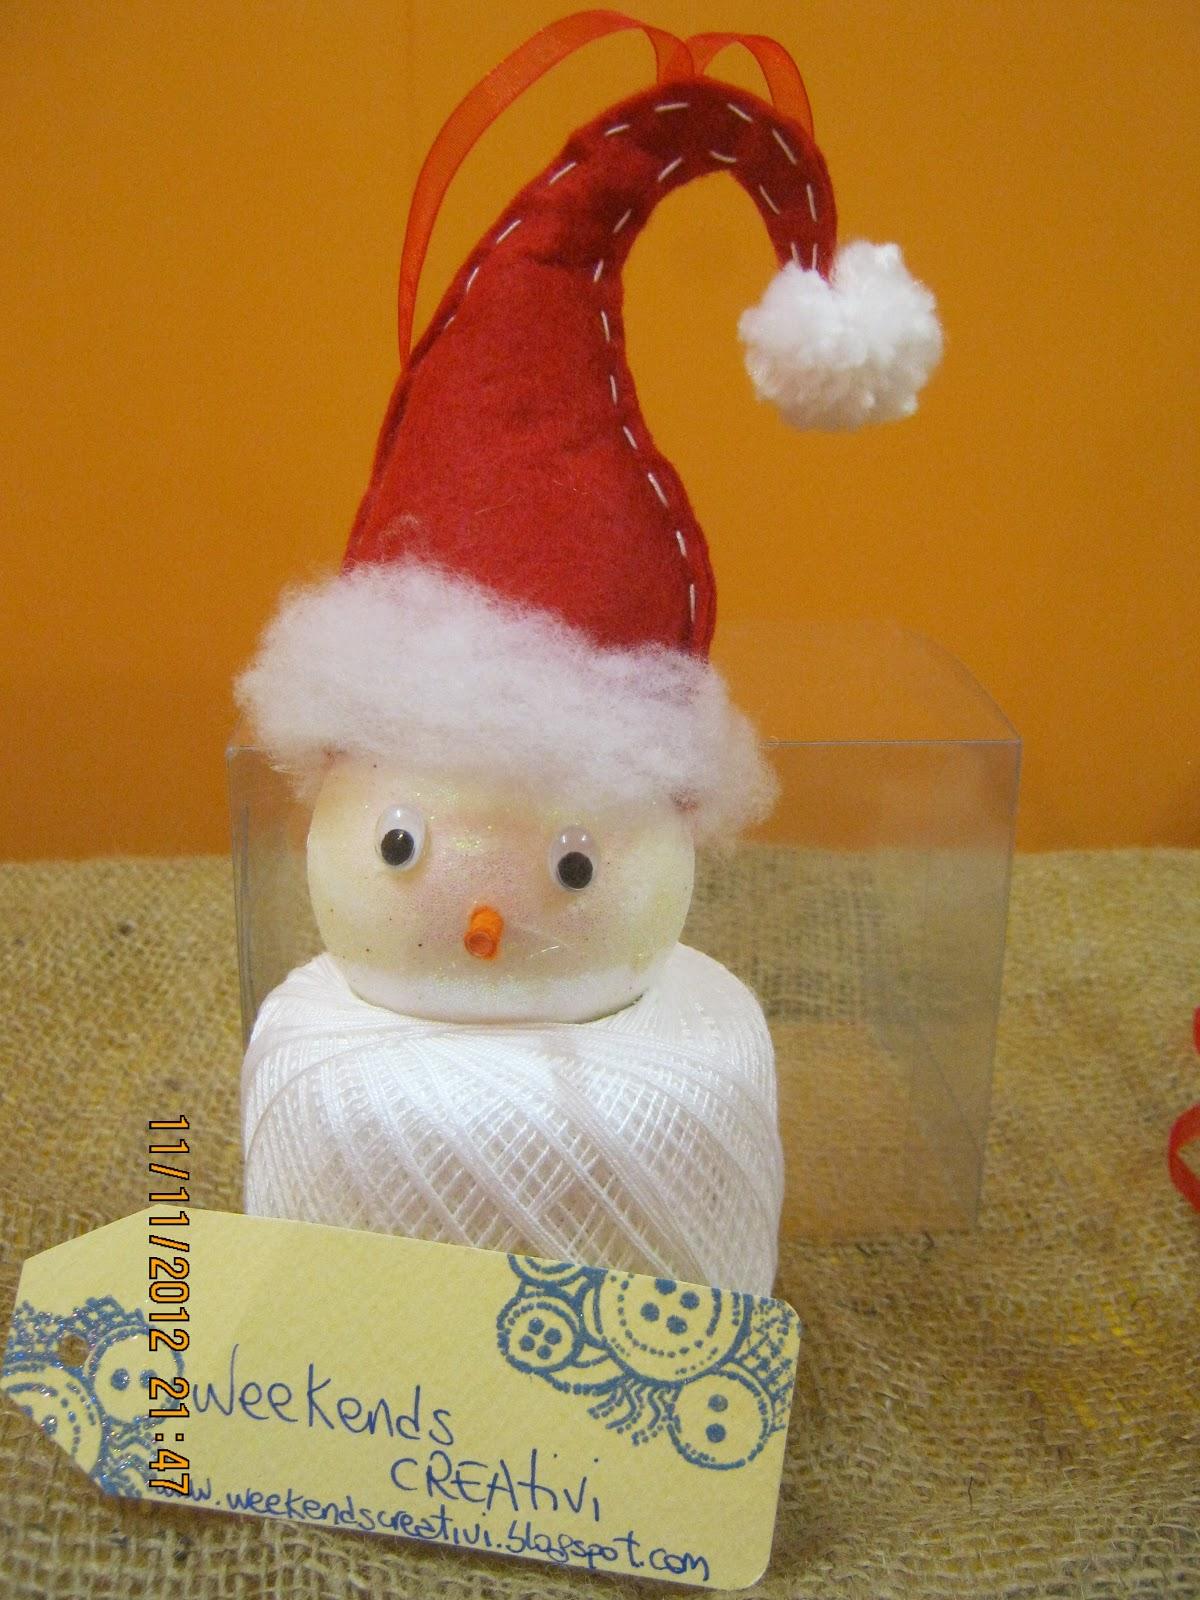 Week ends creativi decorazioni natalizie per bambini la pallina alfreddo - Decorazioni natalizie per bambini fai da te ...